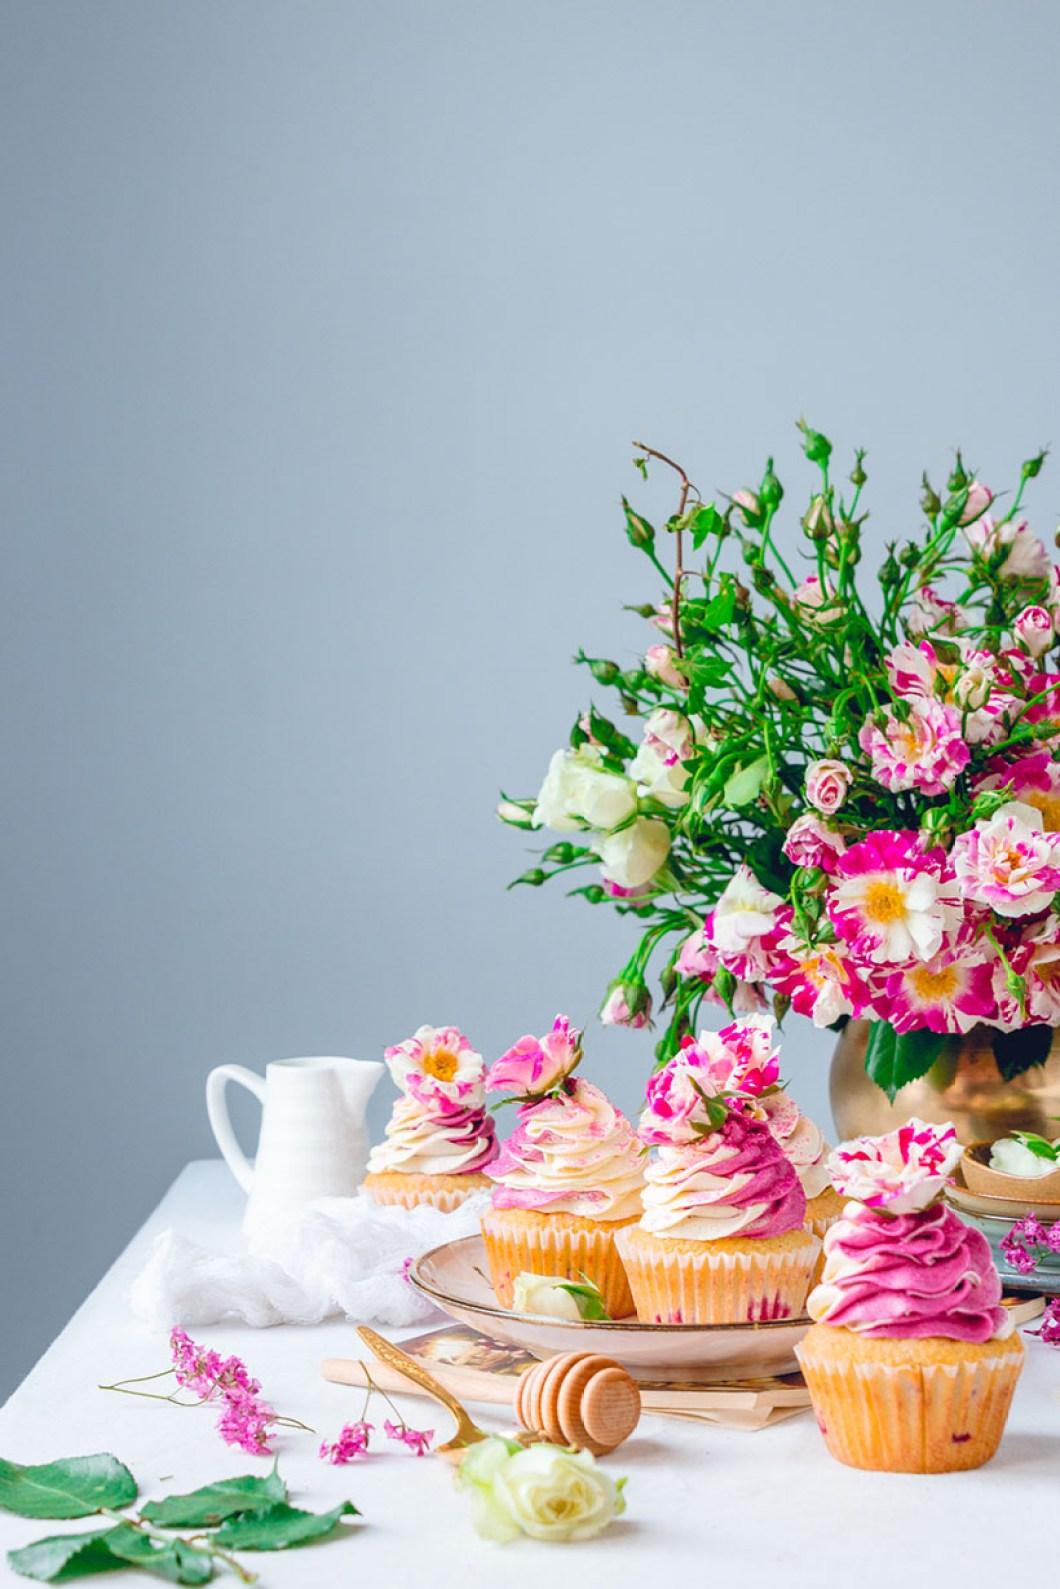 cupcakes_blackberry-8930